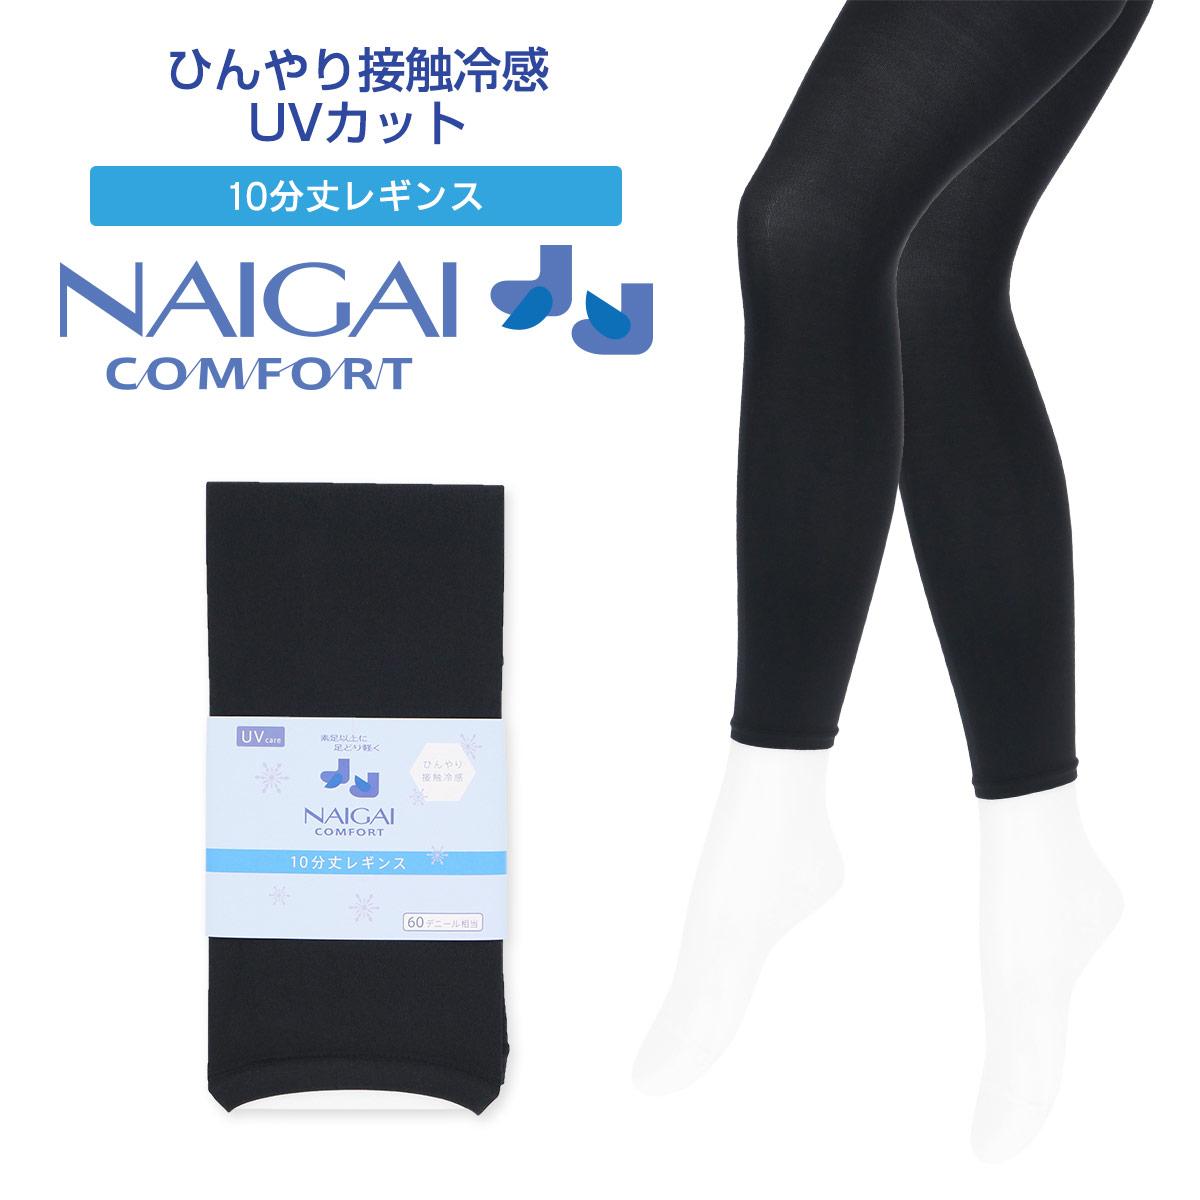 NAIGAI COMFORT ナイガイ コンフォート レディース UV加工 ひんやり レギンス 10分丈 1007002【ゆうパケット・2点まで】